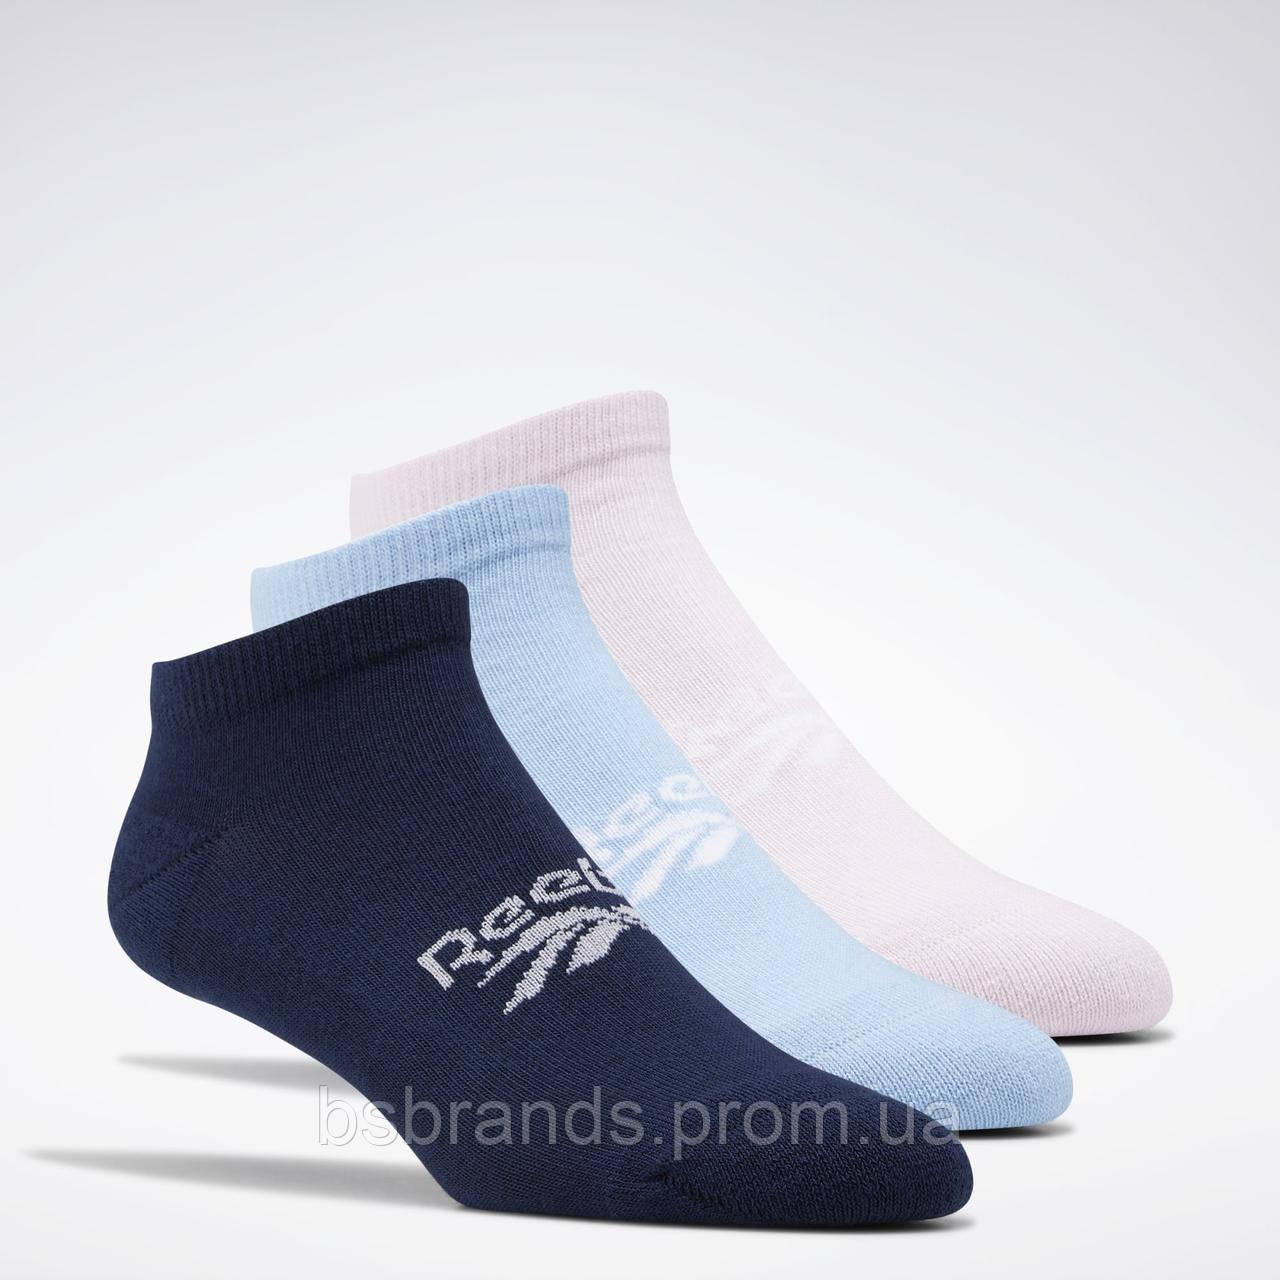 Спортивные носки Reebok Classics Foundation Low Cut, 3 пары FL9311 (2020/1)